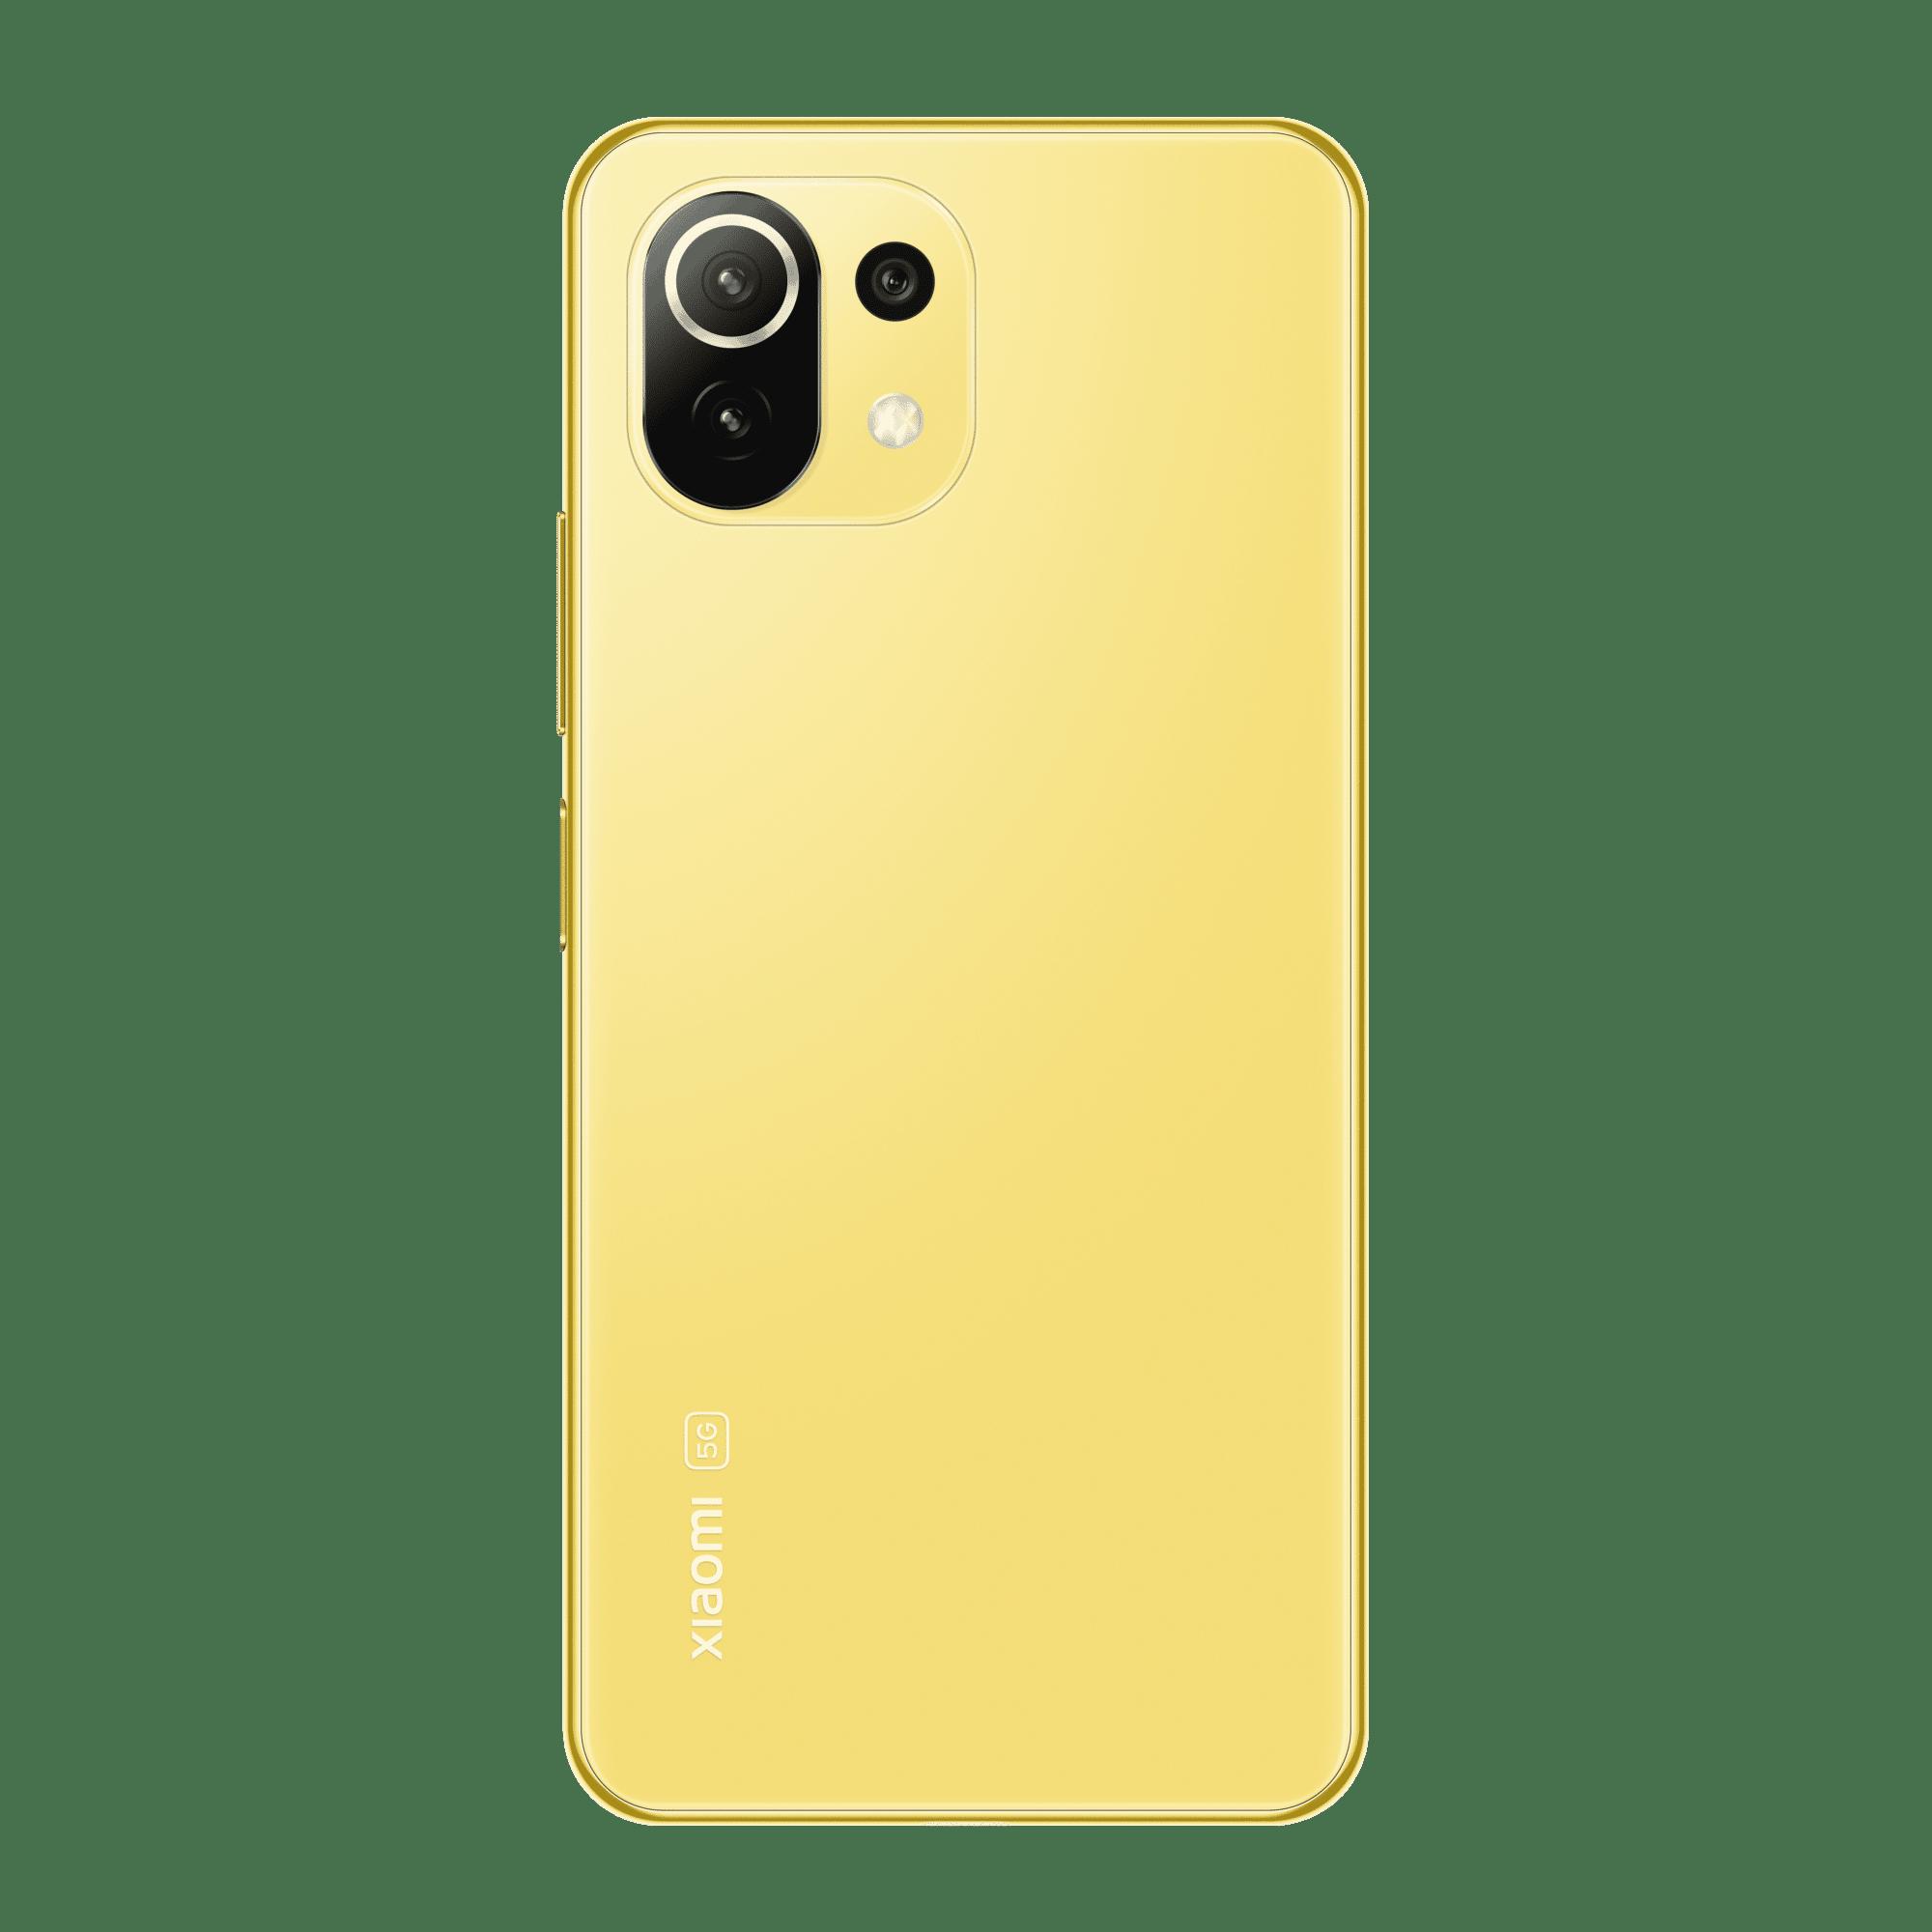 Mi 11 Lite 5G smartphone Xiaomi